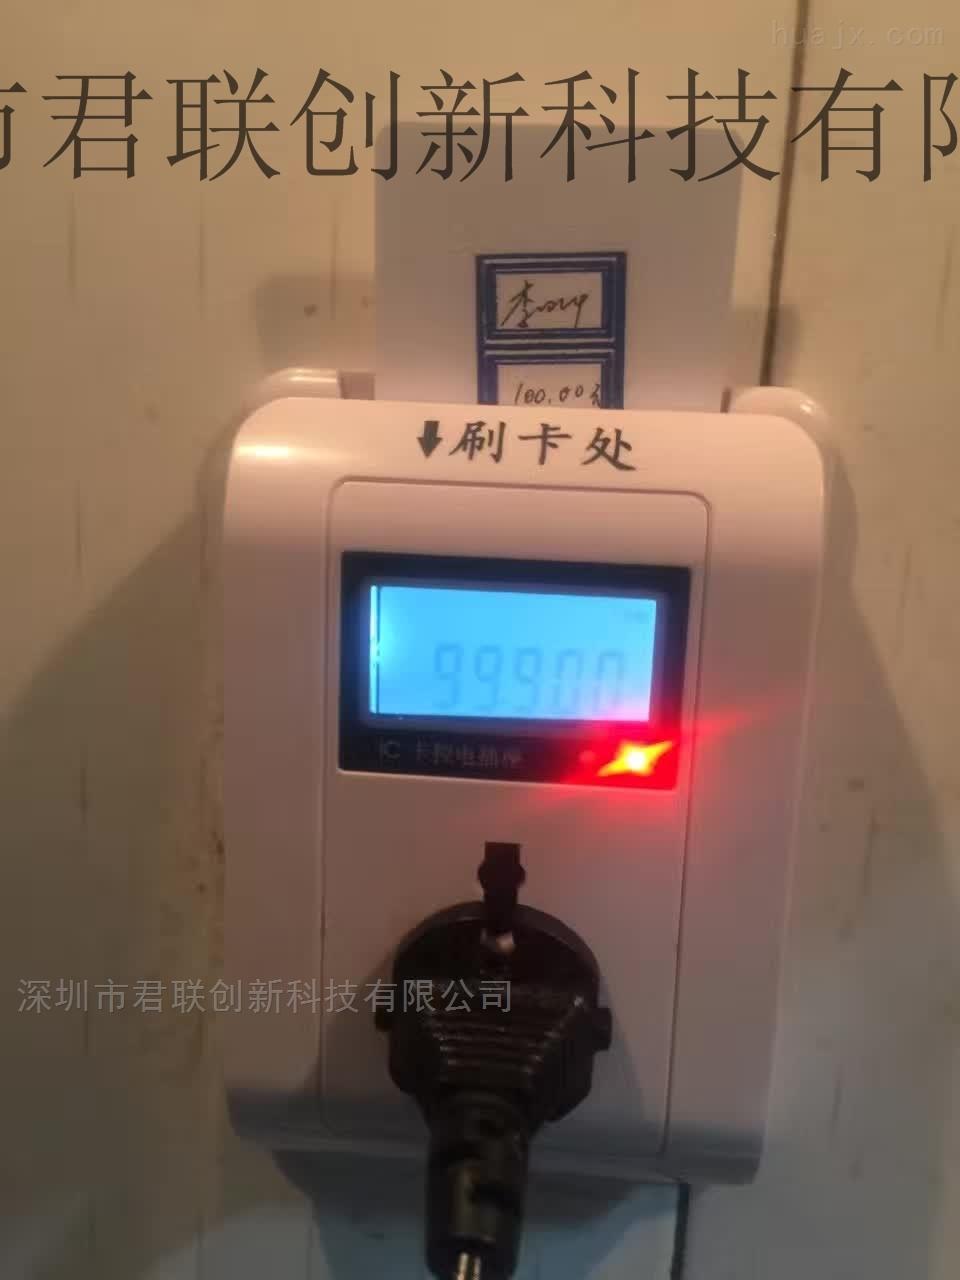 上海刷卡控电插座专业 学校空调用电计电量